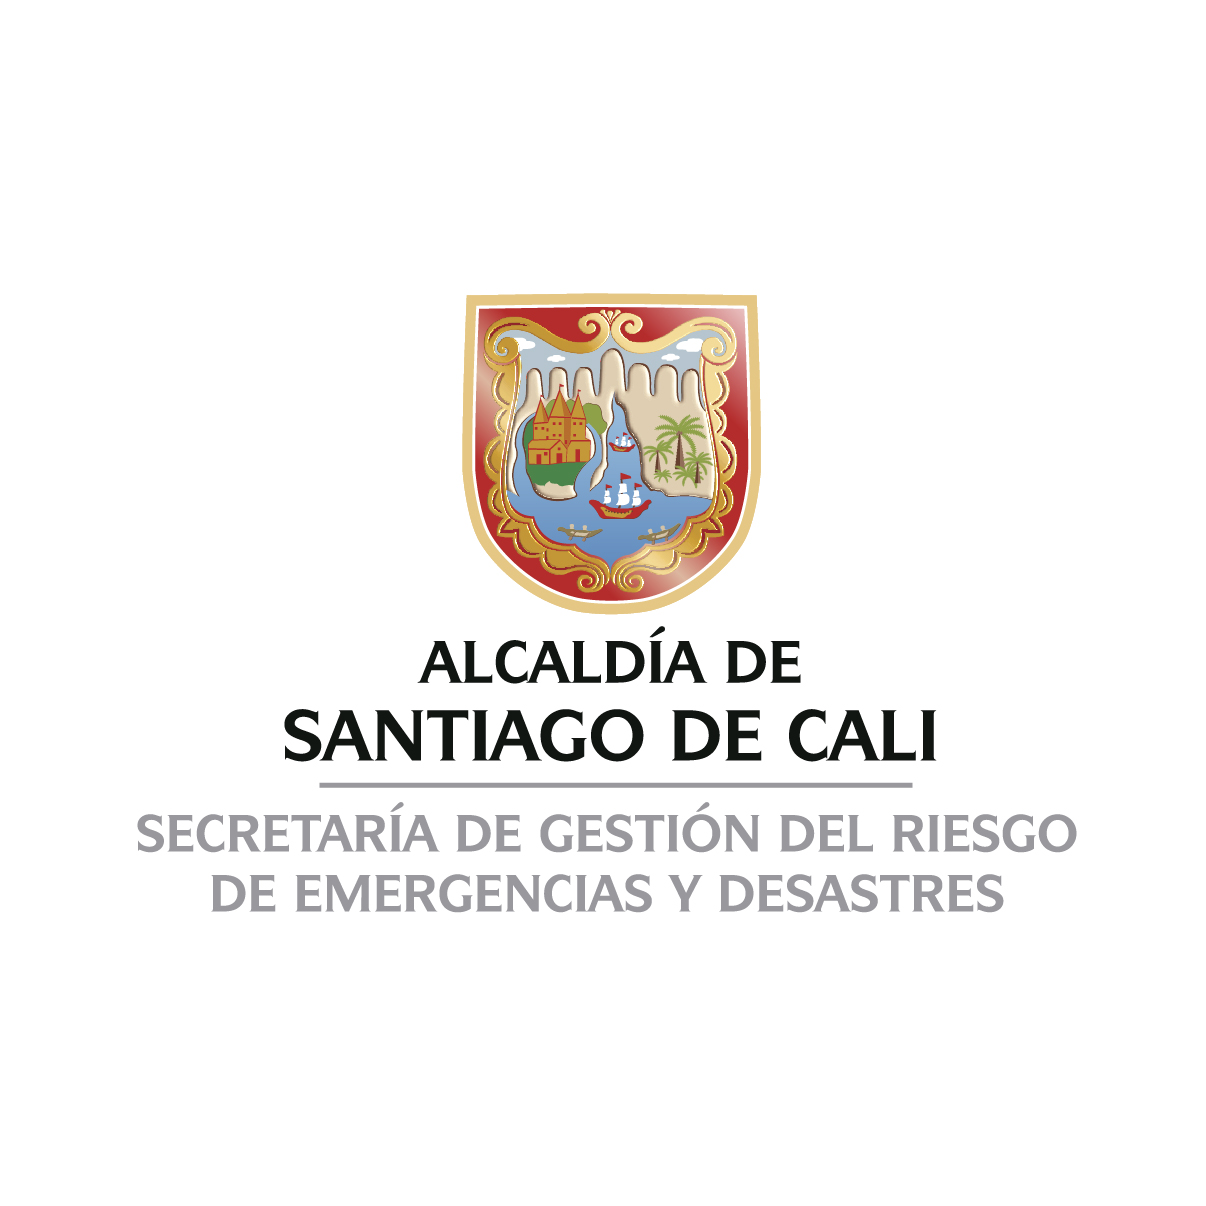 secretaria-de-gestion-del-riesgo-de-emergencias-y-desastres